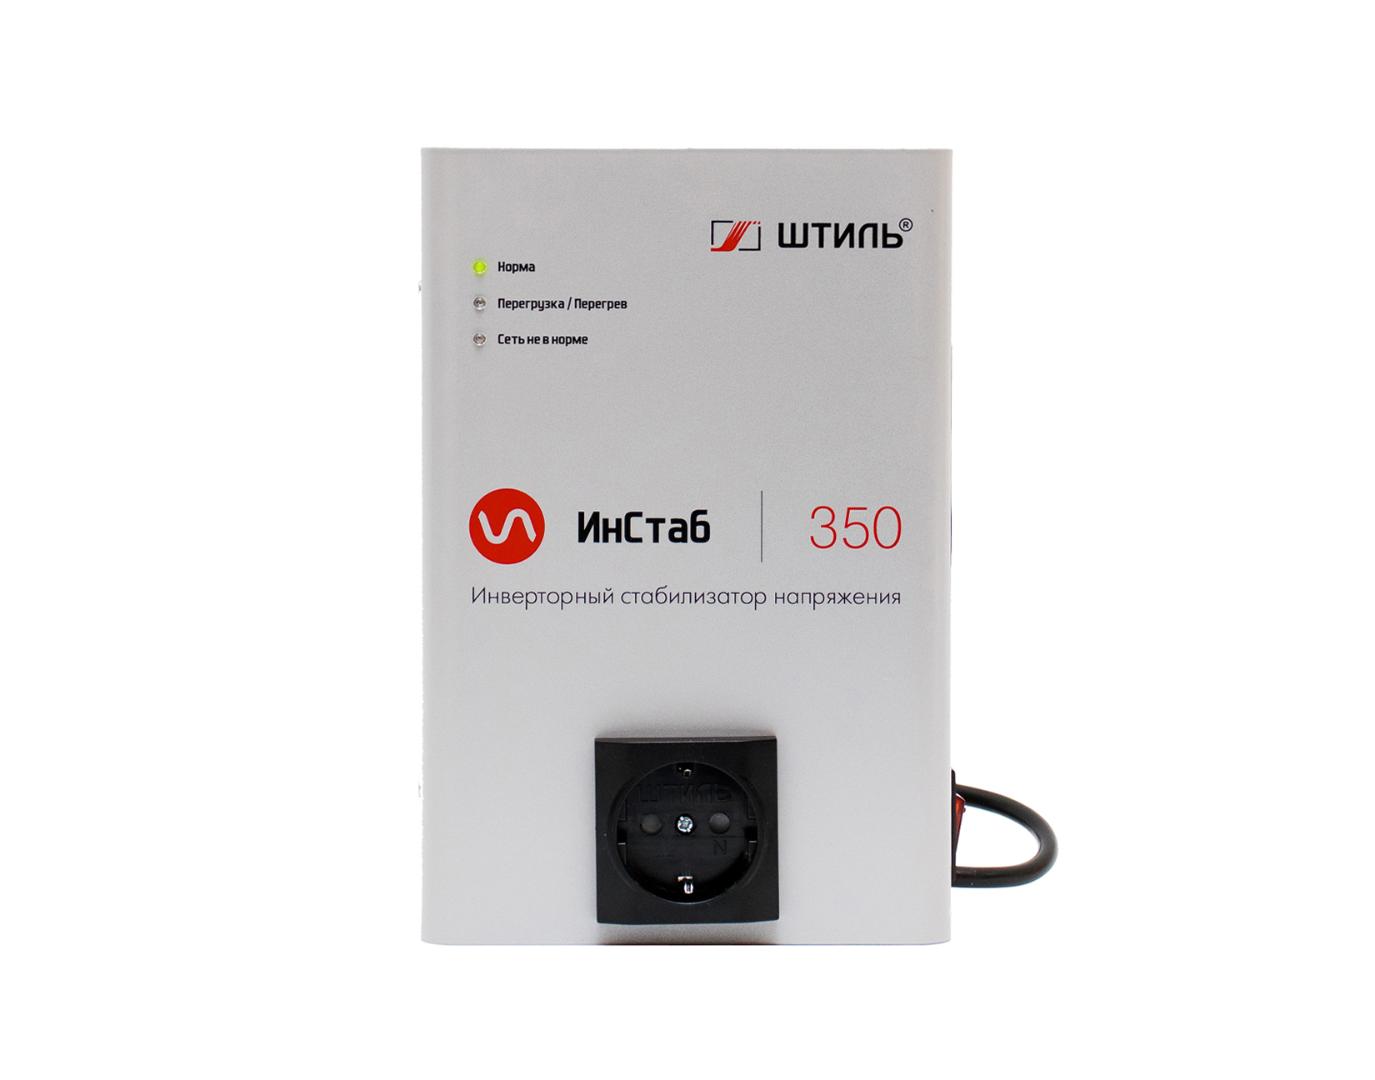 стабилизатор напряжения для газового котла теплоком цена